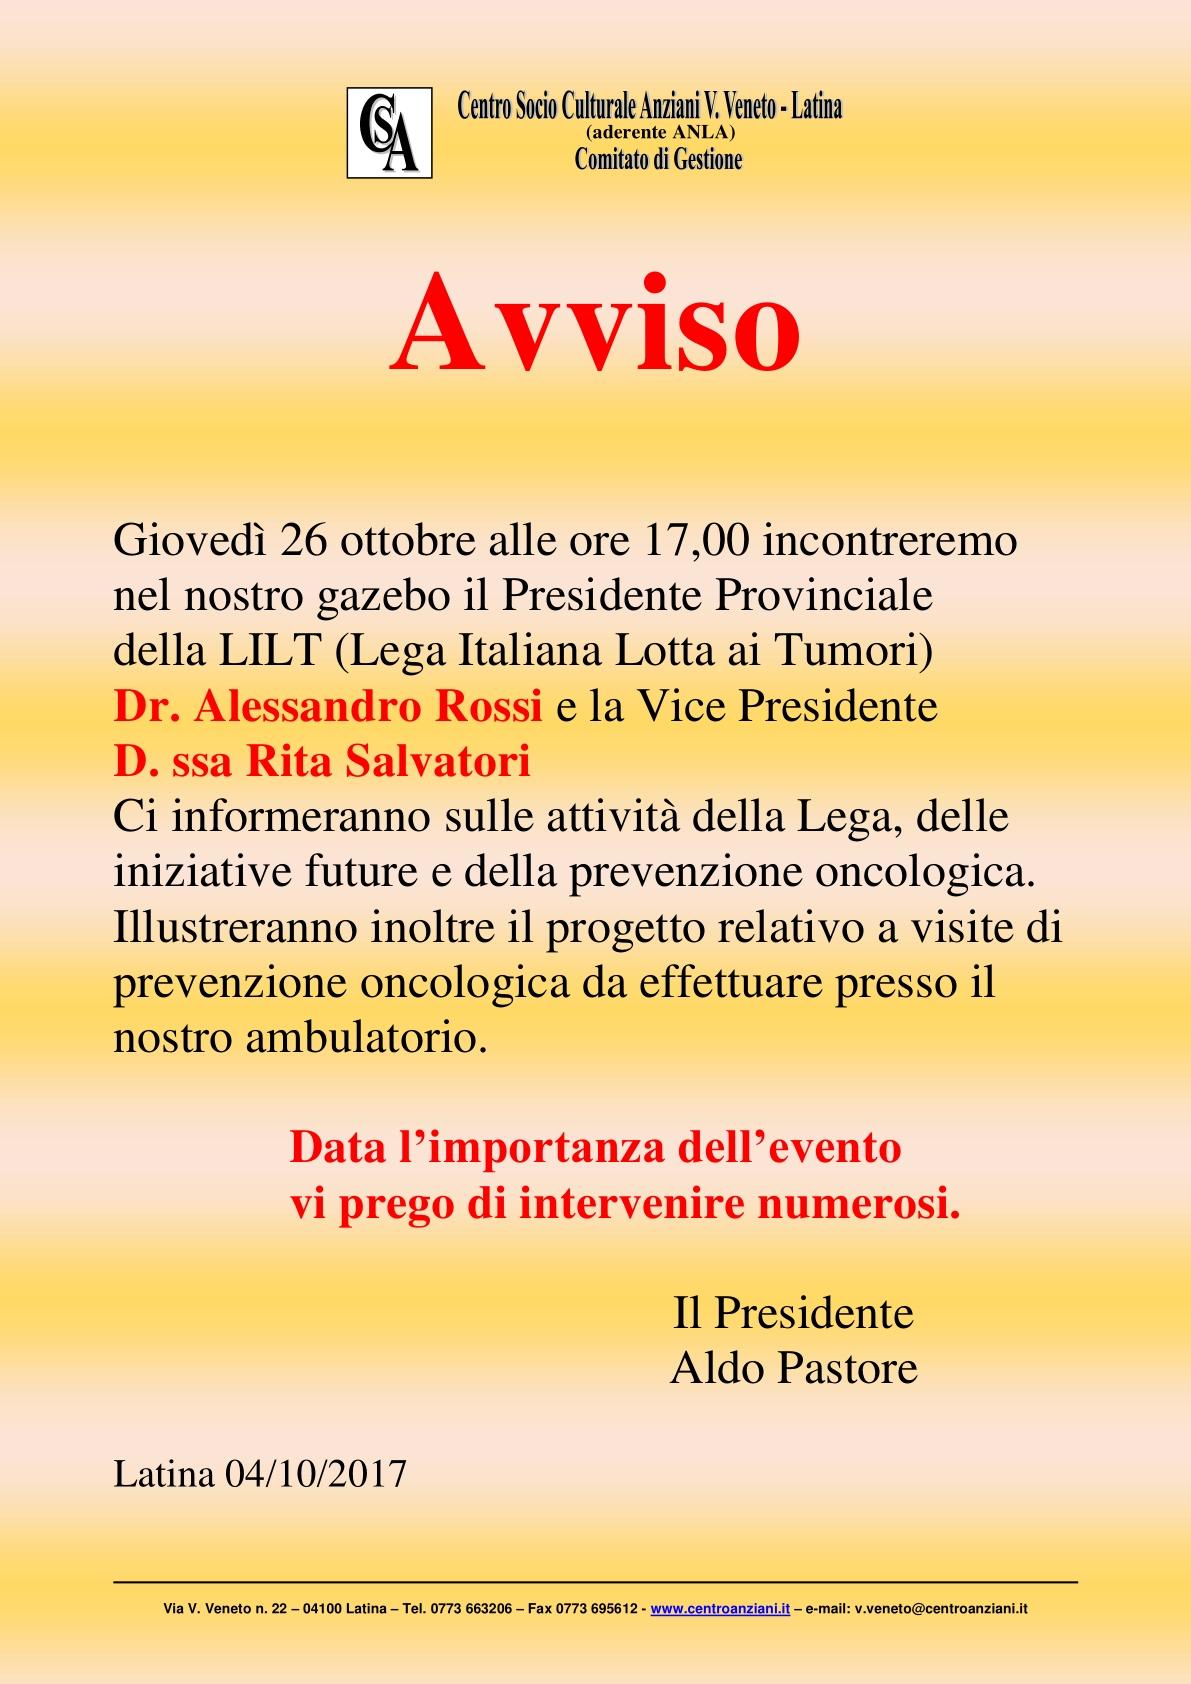 [1]Avviso_Lega_Tumori-1_515